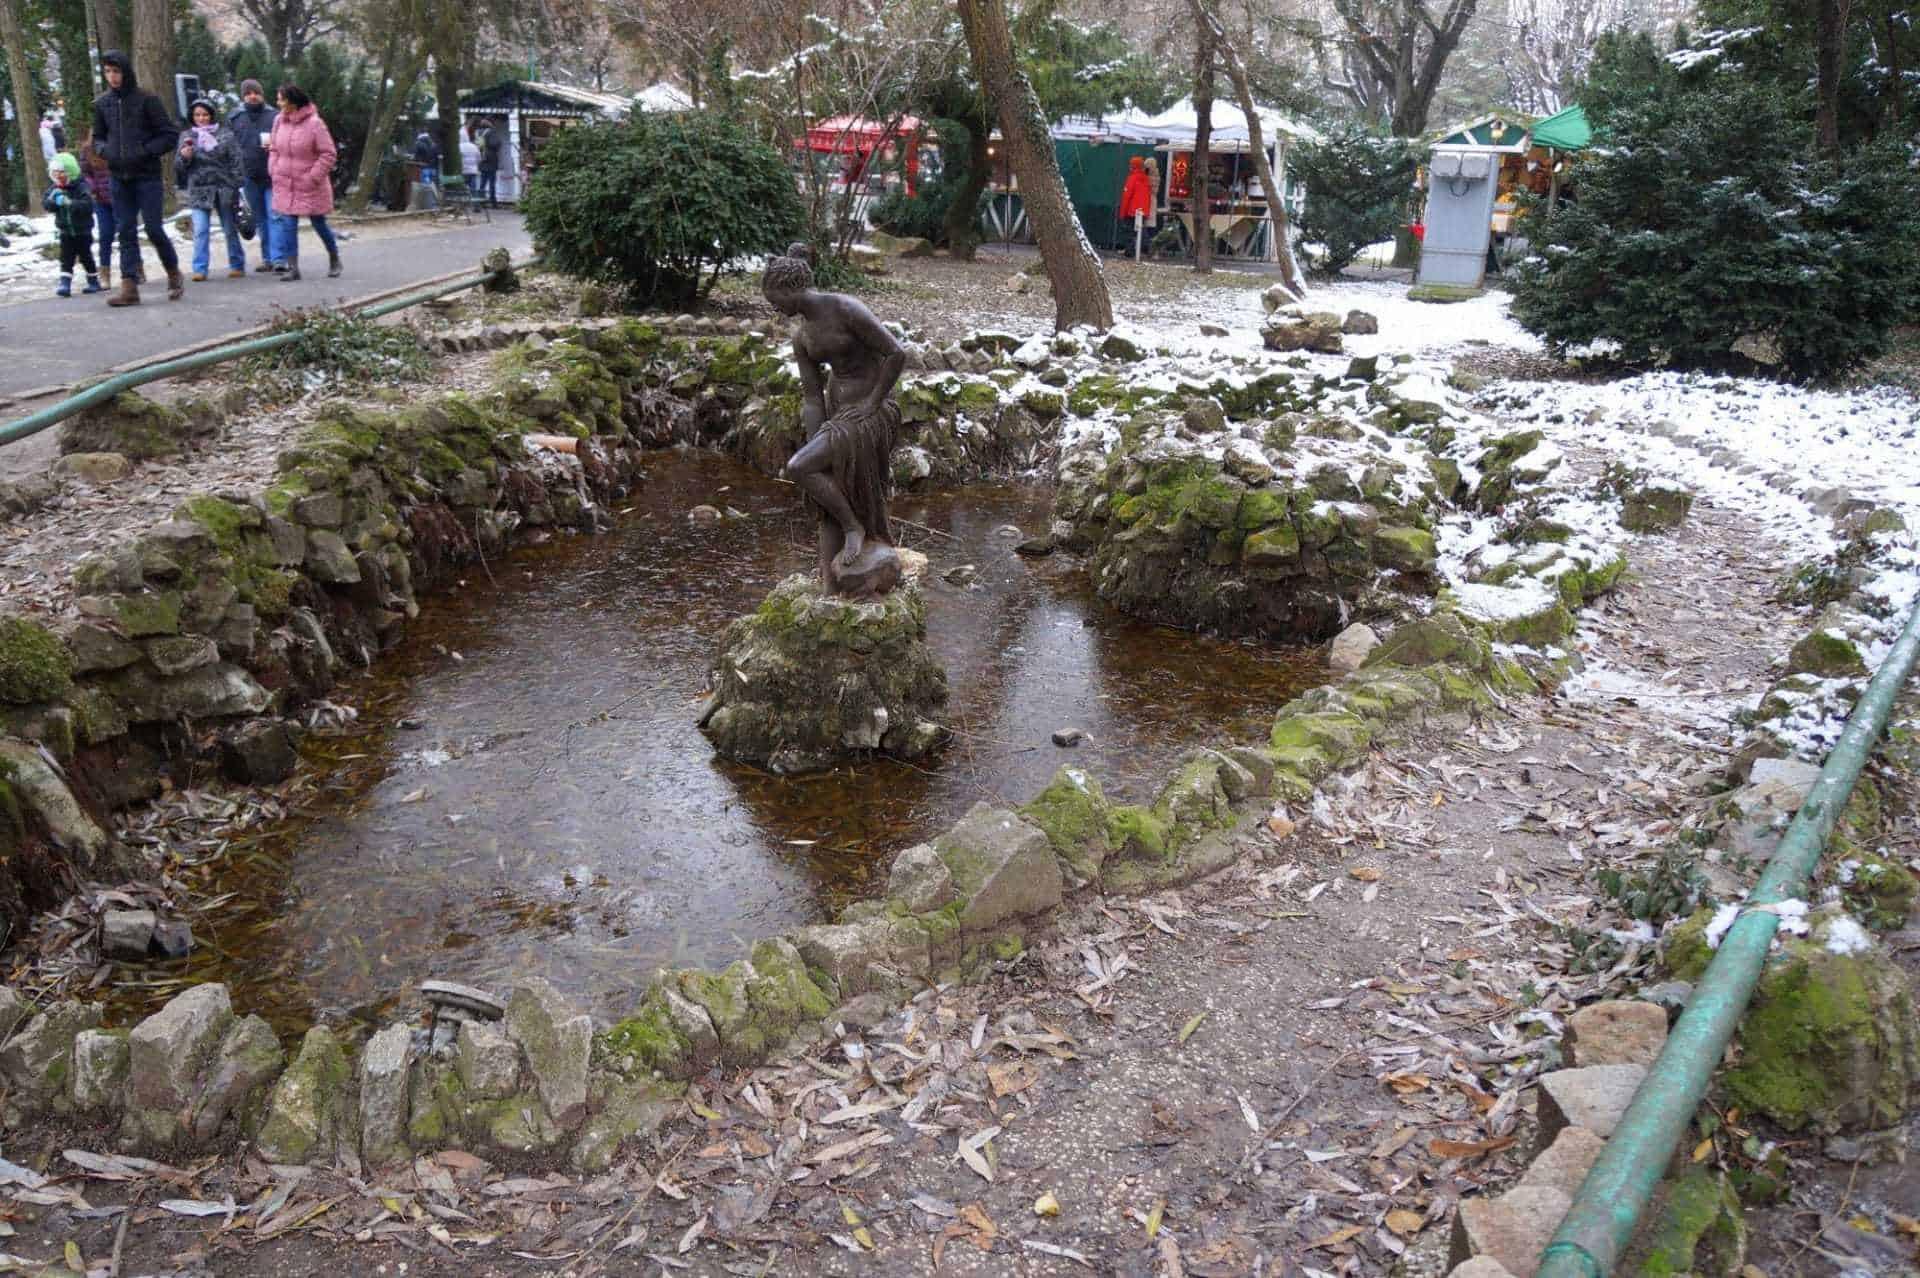 giardini_cismigiu_bucarest_statue